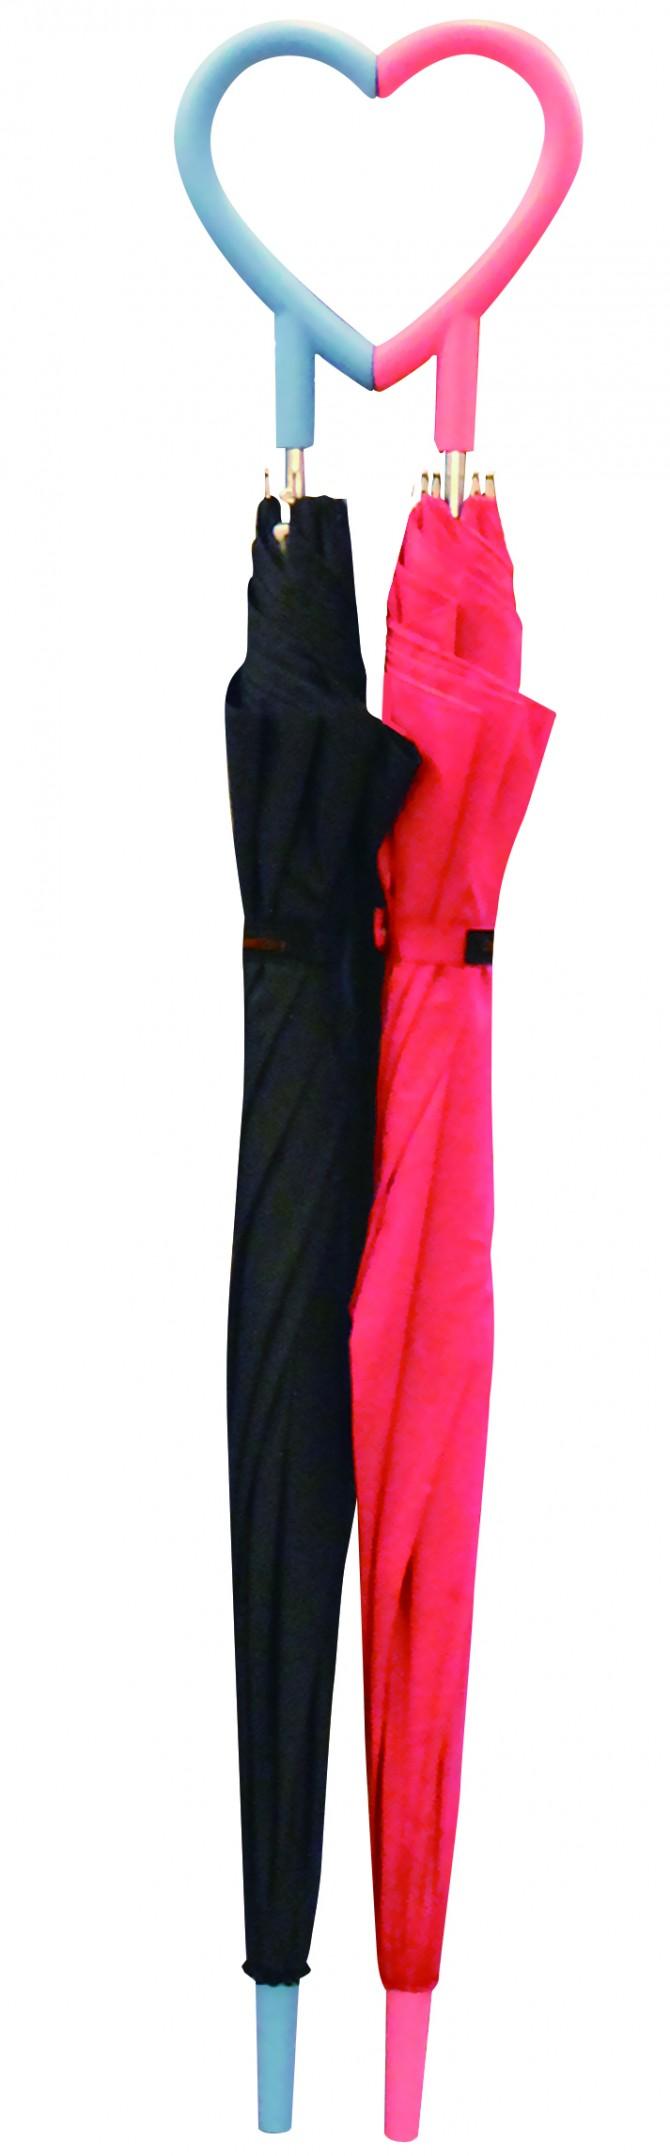 황보현 디자이너가 만든 커플 우산. 손잡이를 맞추면 하트 모양이 만들어진다.  - 디벤토리 제공